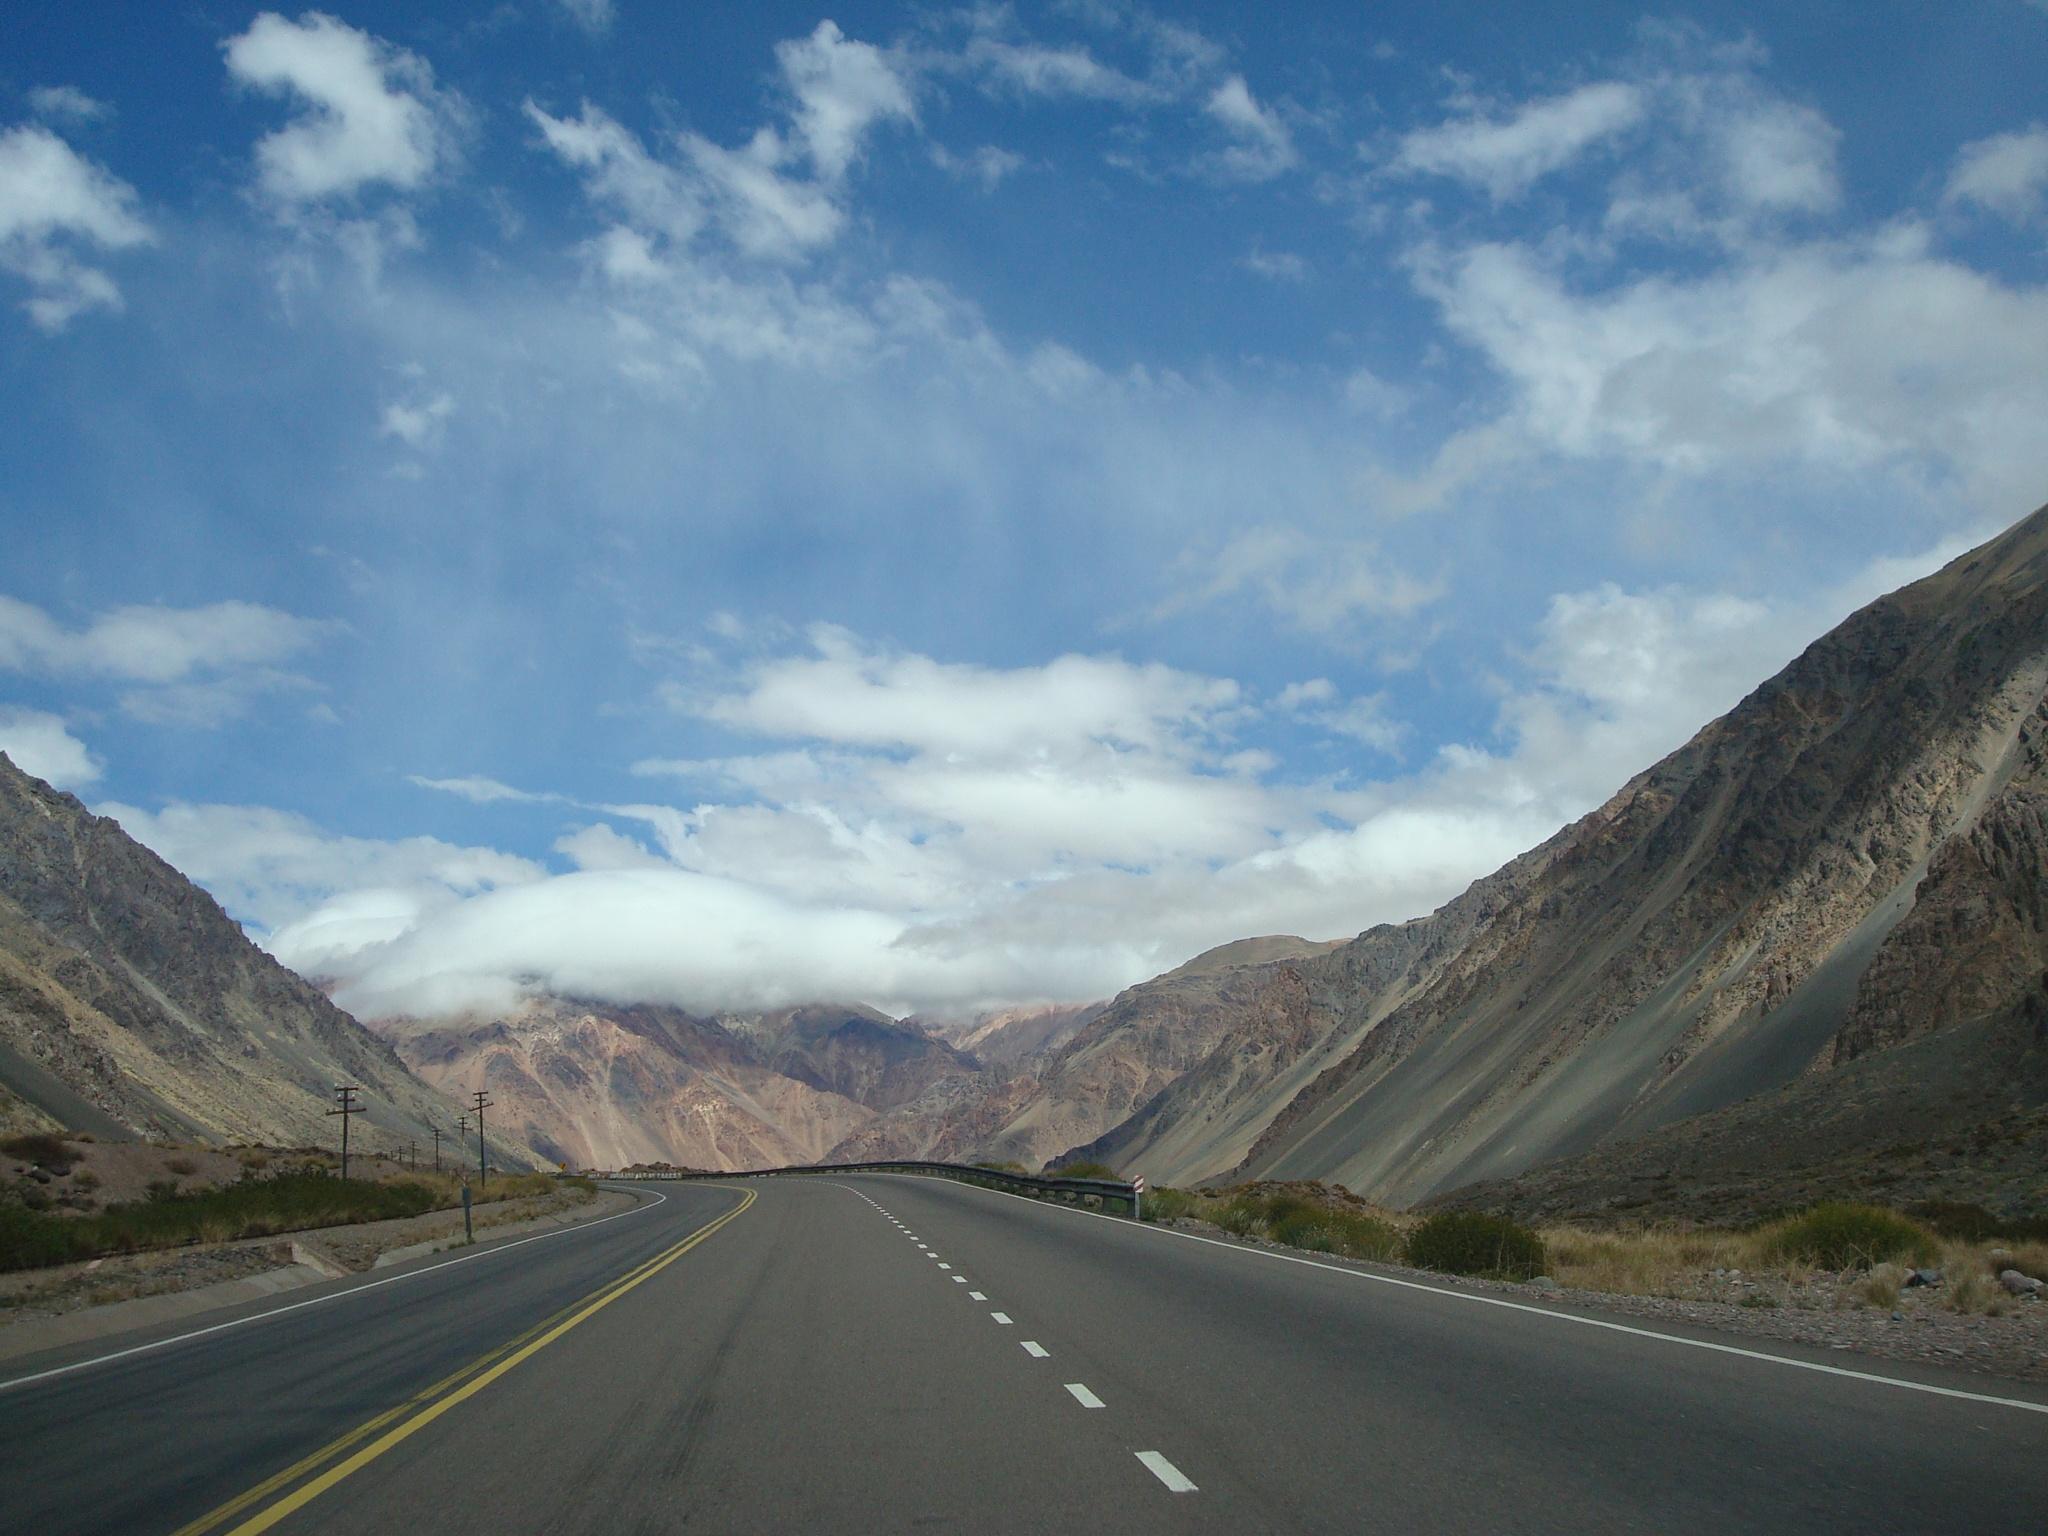 Mendoza route, Cordillera de los Andes by Roberto Justo Robiolo